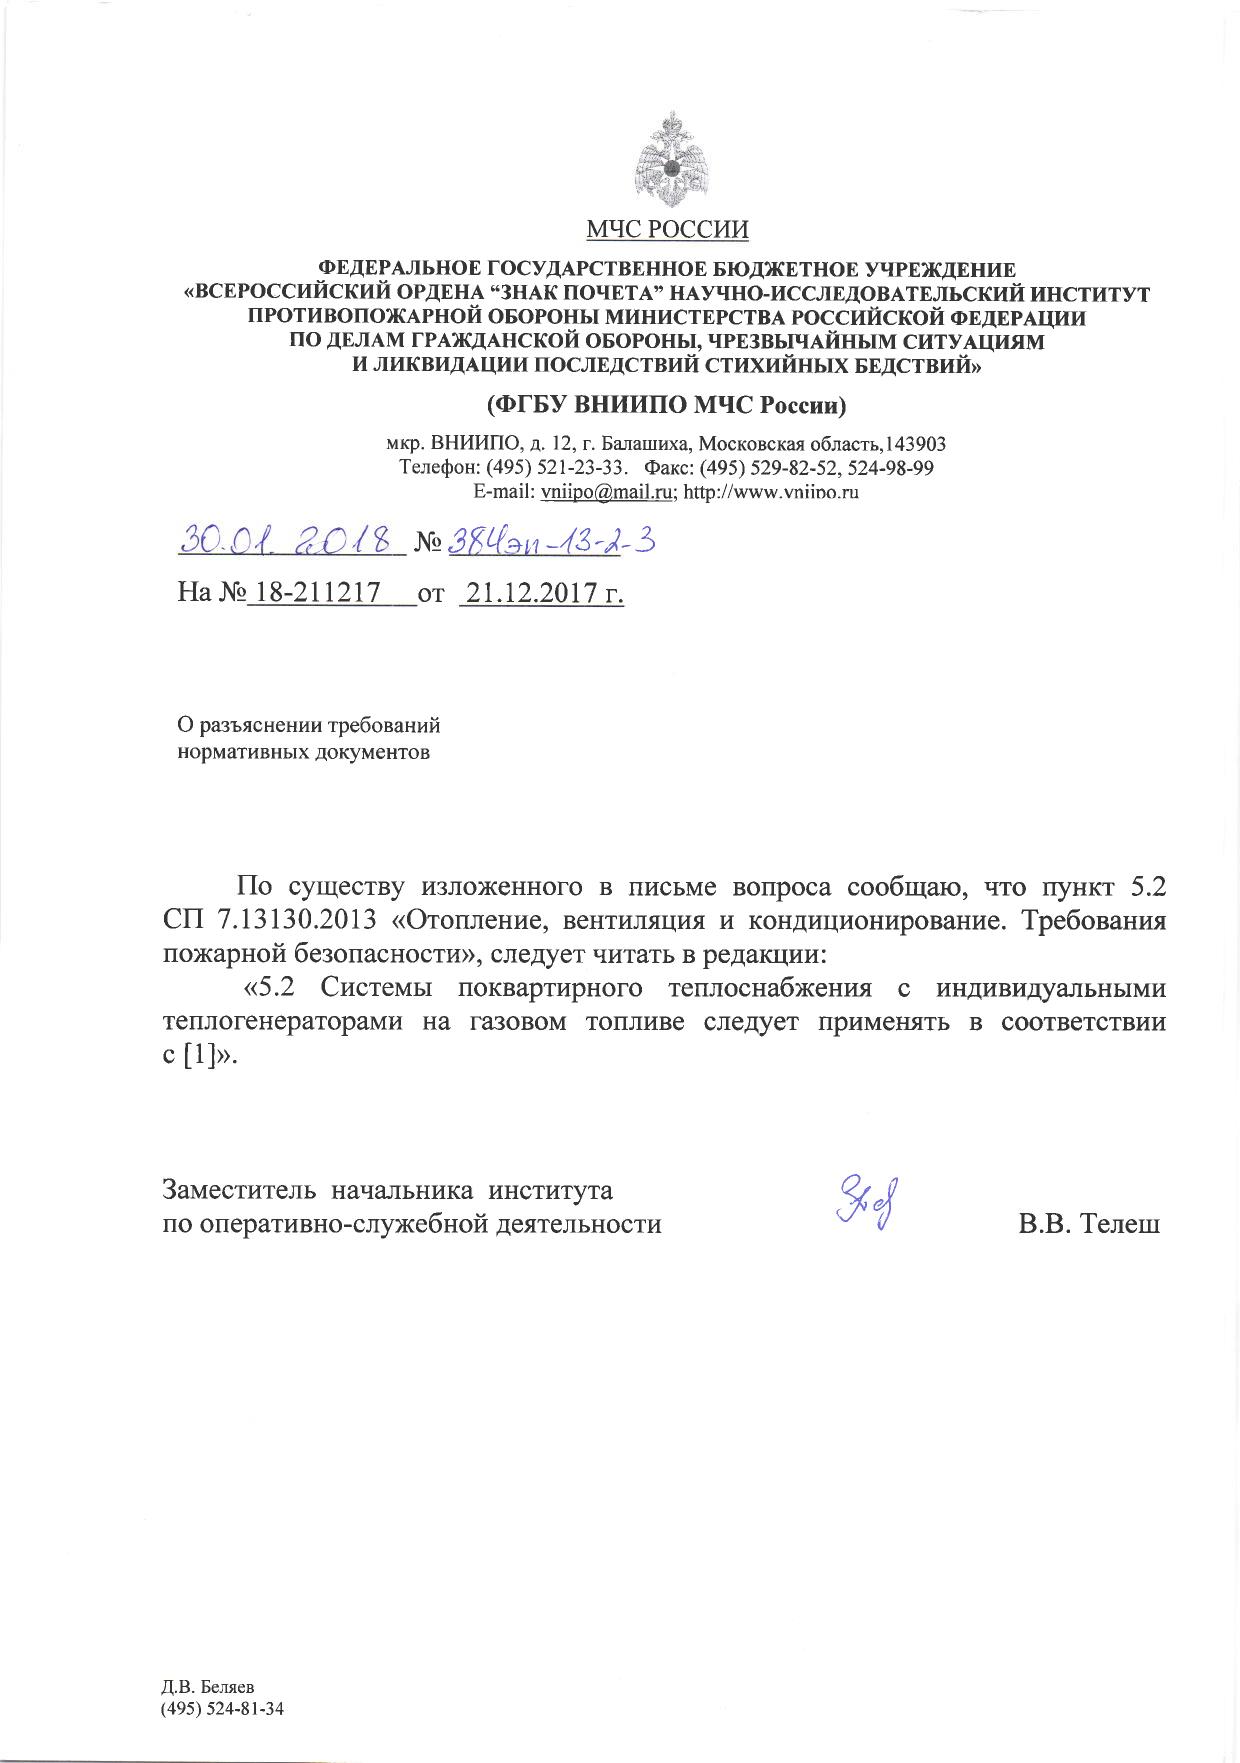 Должностная инструкция заведующего отделом правового обеспечения фгу гипс